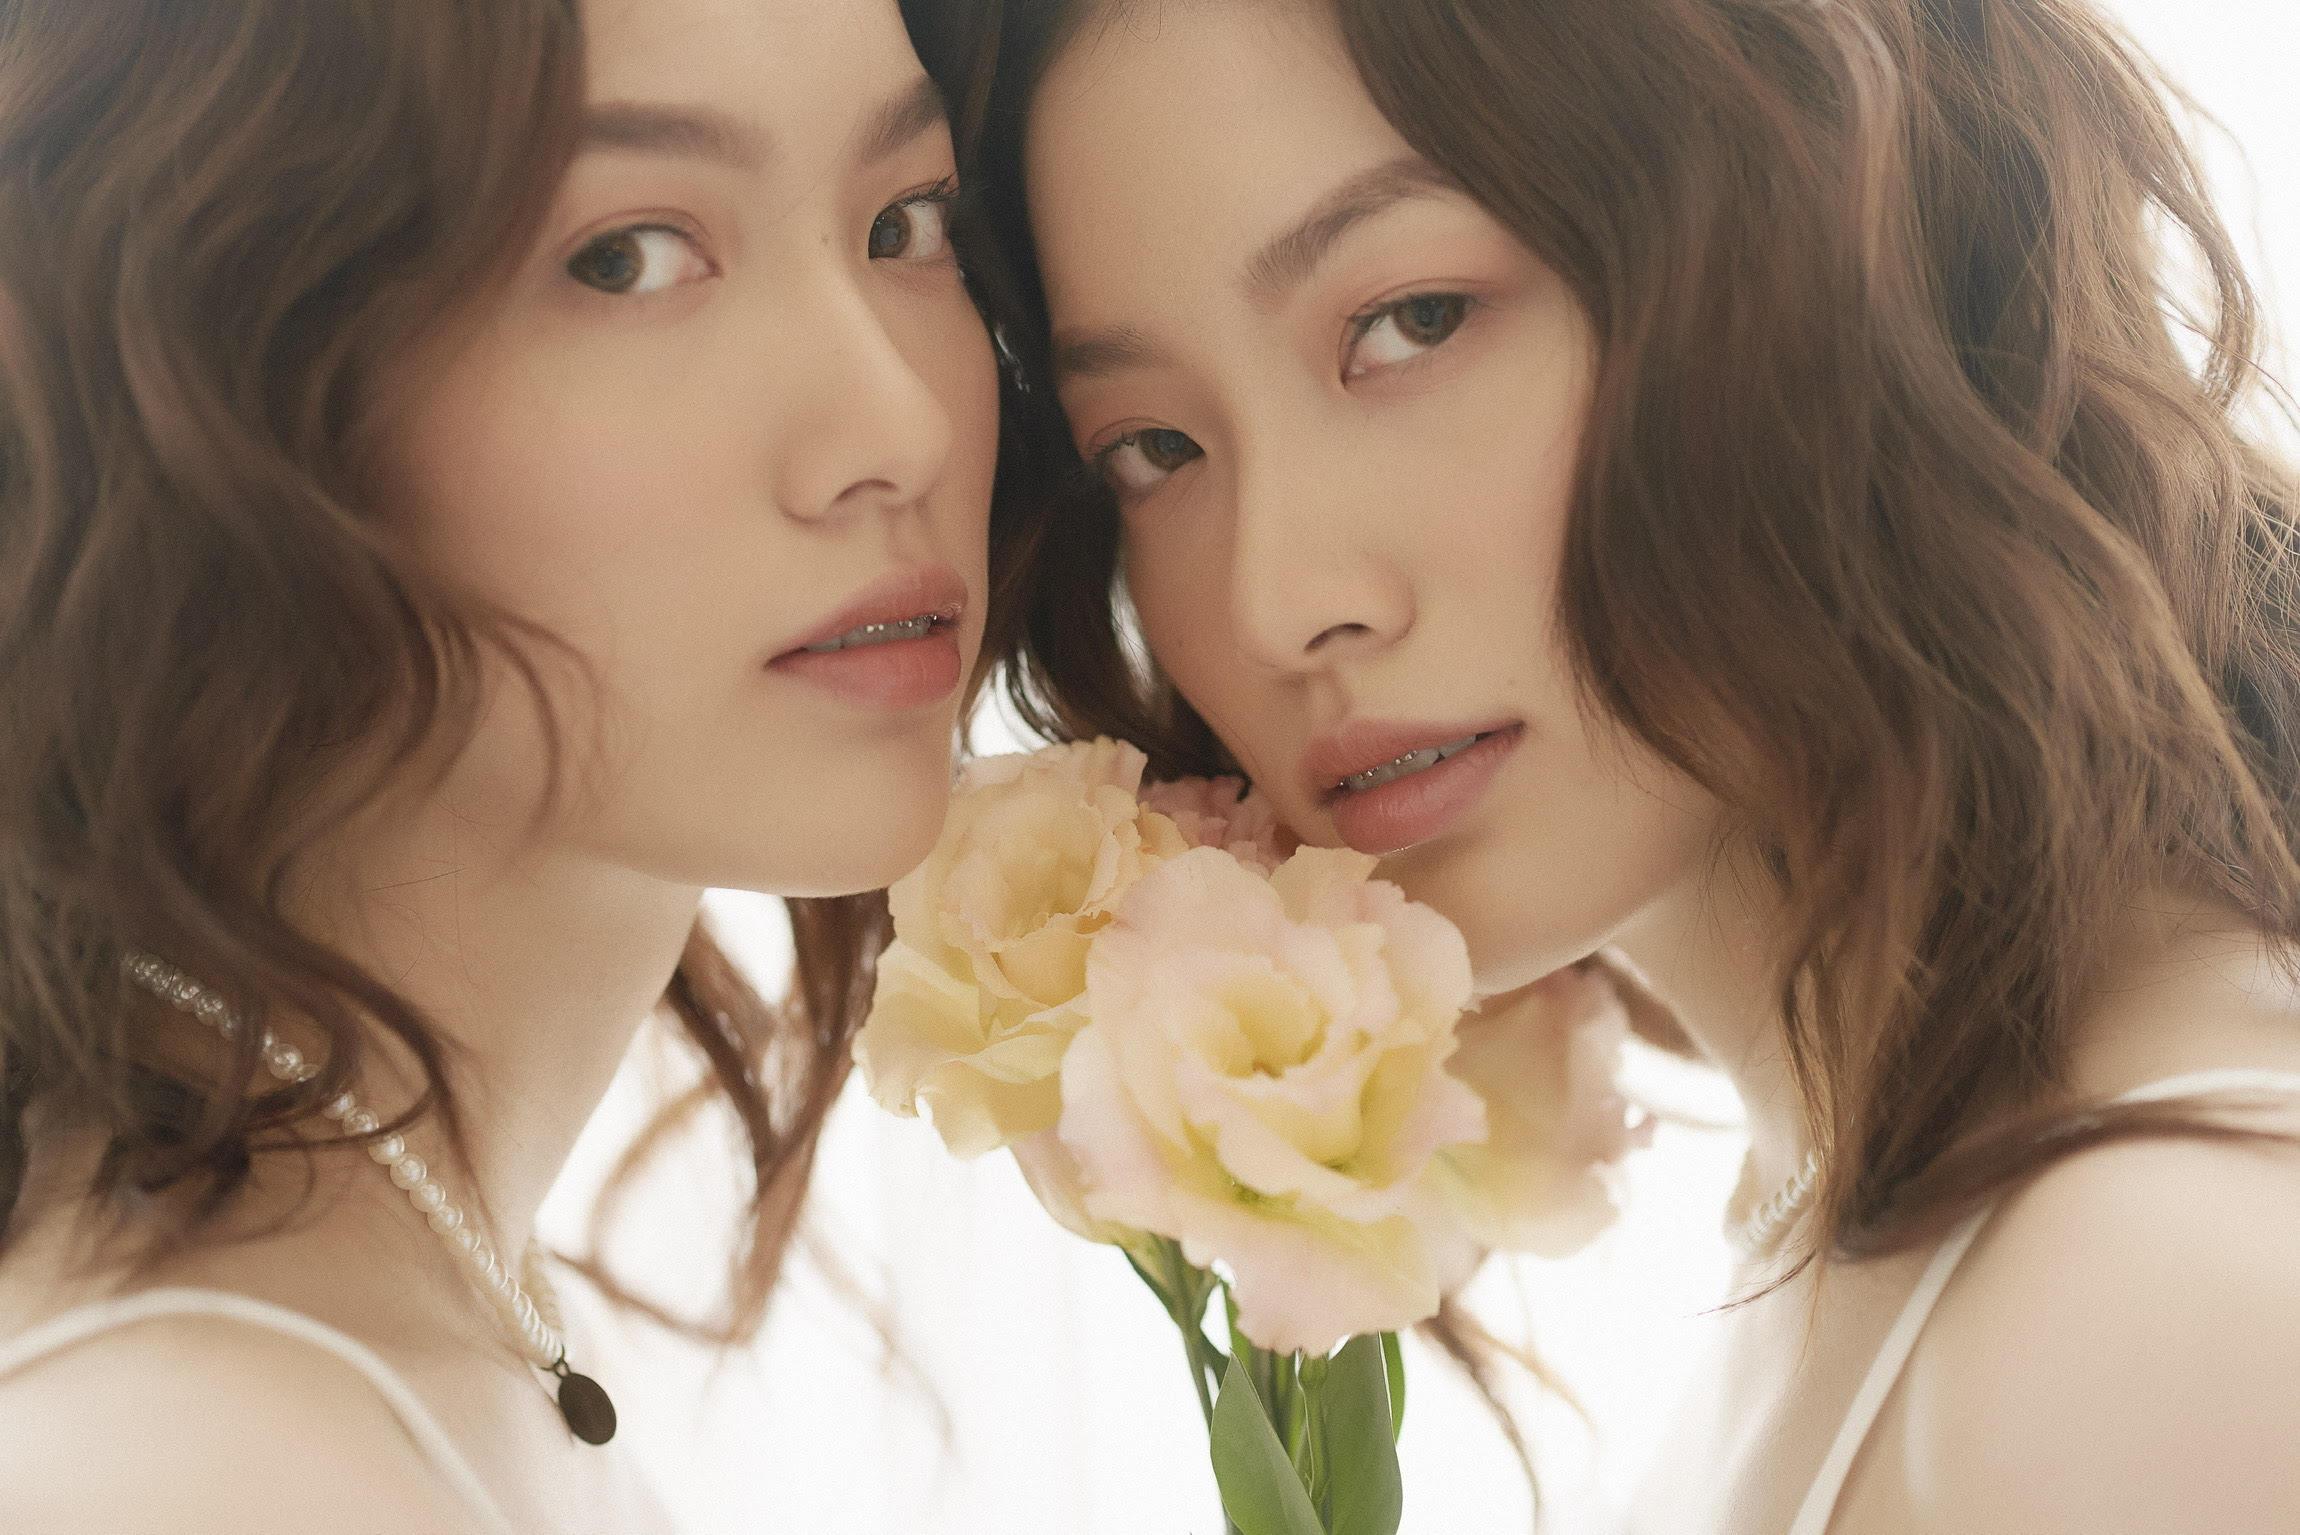 Hồng Ánh (phải) và Thùy Linh là cặp chị em sinh đôi đang đắt show chụp mẫu lookbook gần đây. Mới gia nhập ngành thời trang chưa lâu, đôi model sinh năm 2001 đã được nhiều nhãn hàng yêu thích.